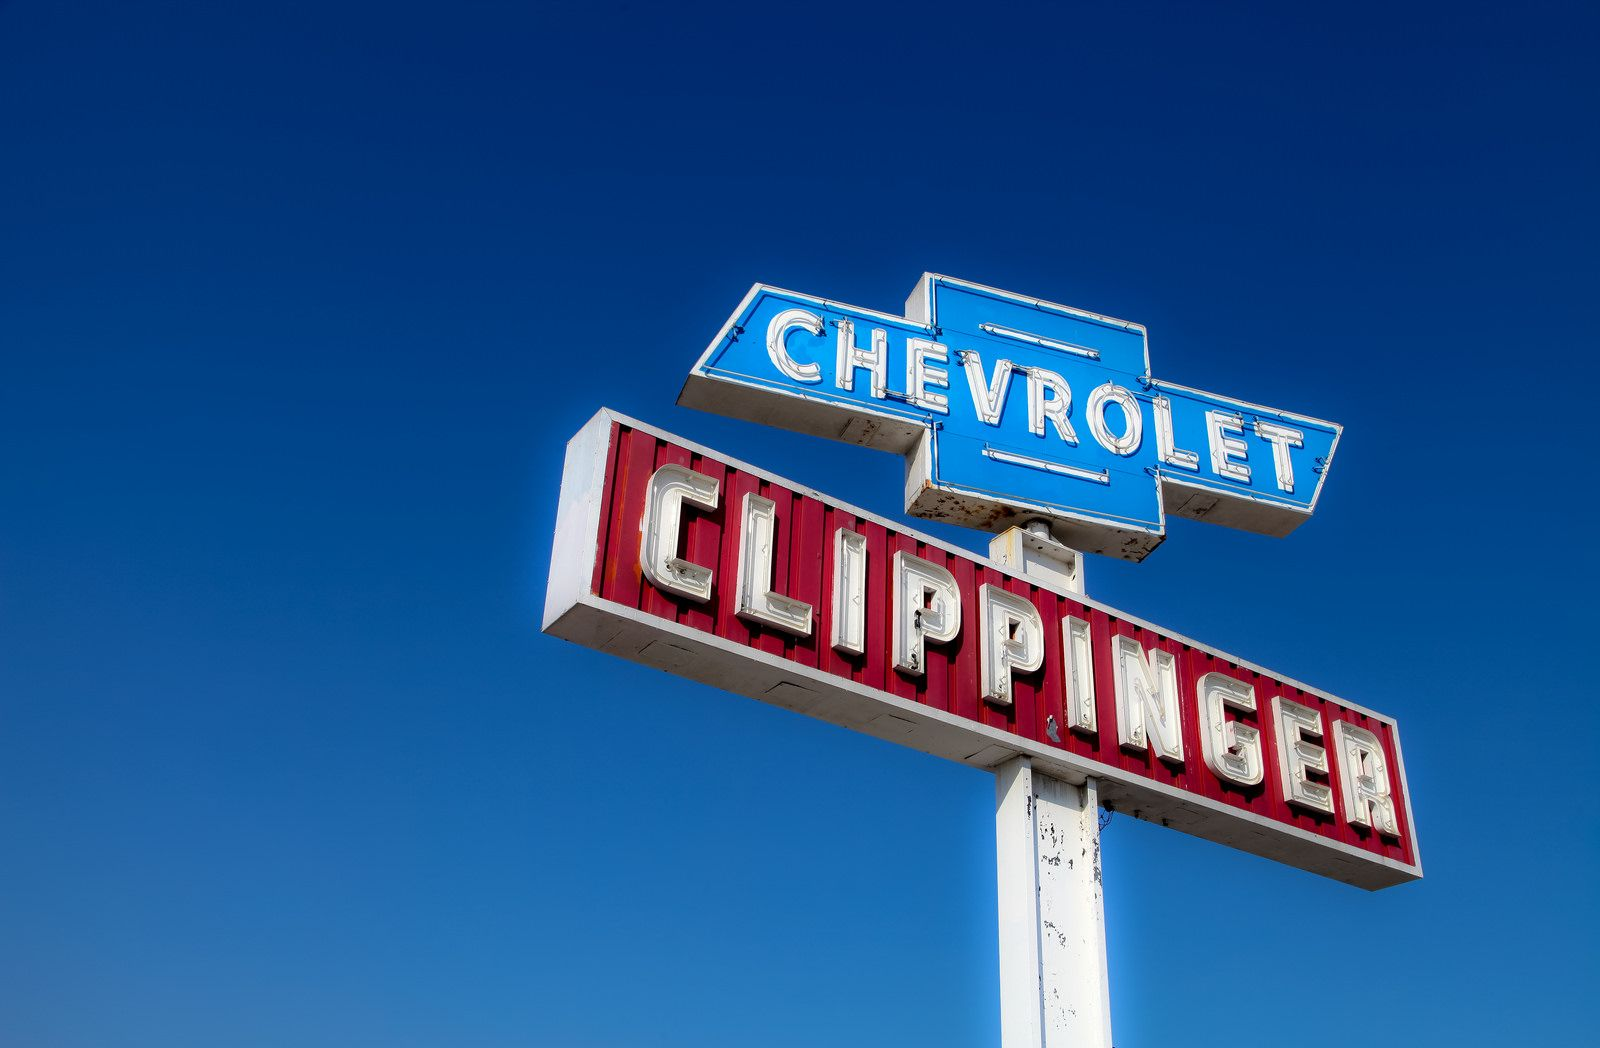 Clippinger Chevrolet Chevrolet Dealership Chevrolet Covina